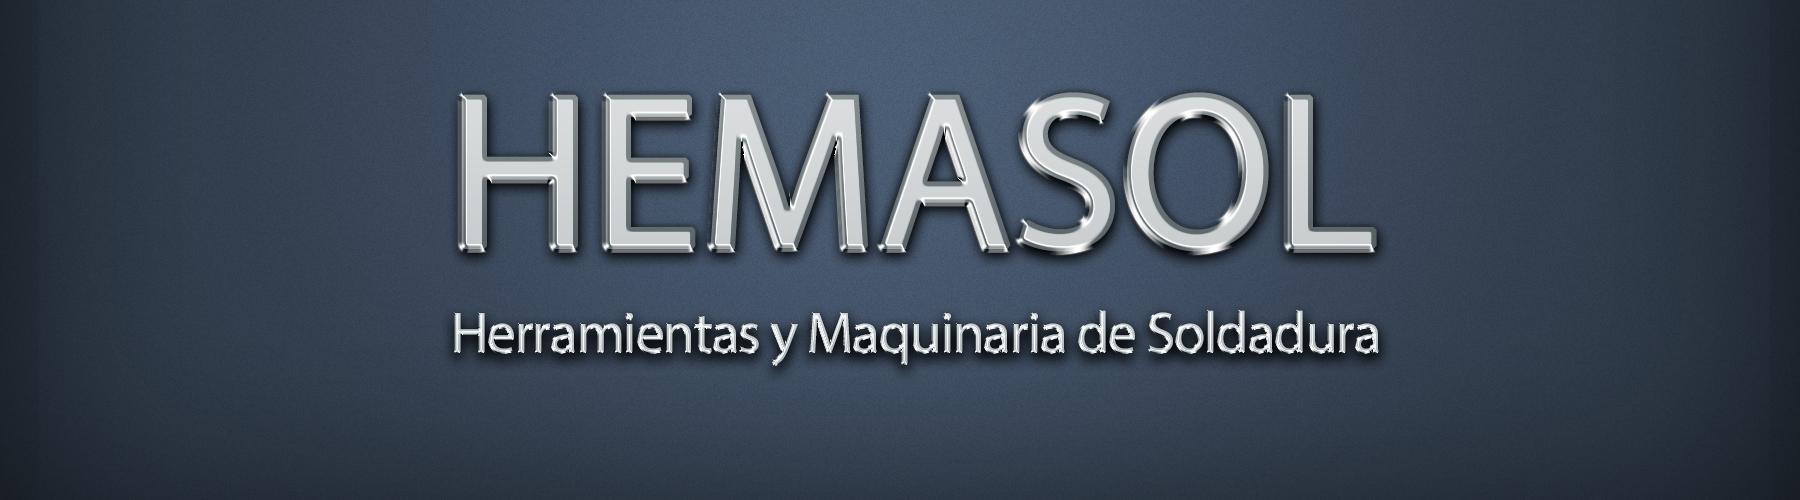 HEMASOL - Herramienta y Maquinaria de Soldadura